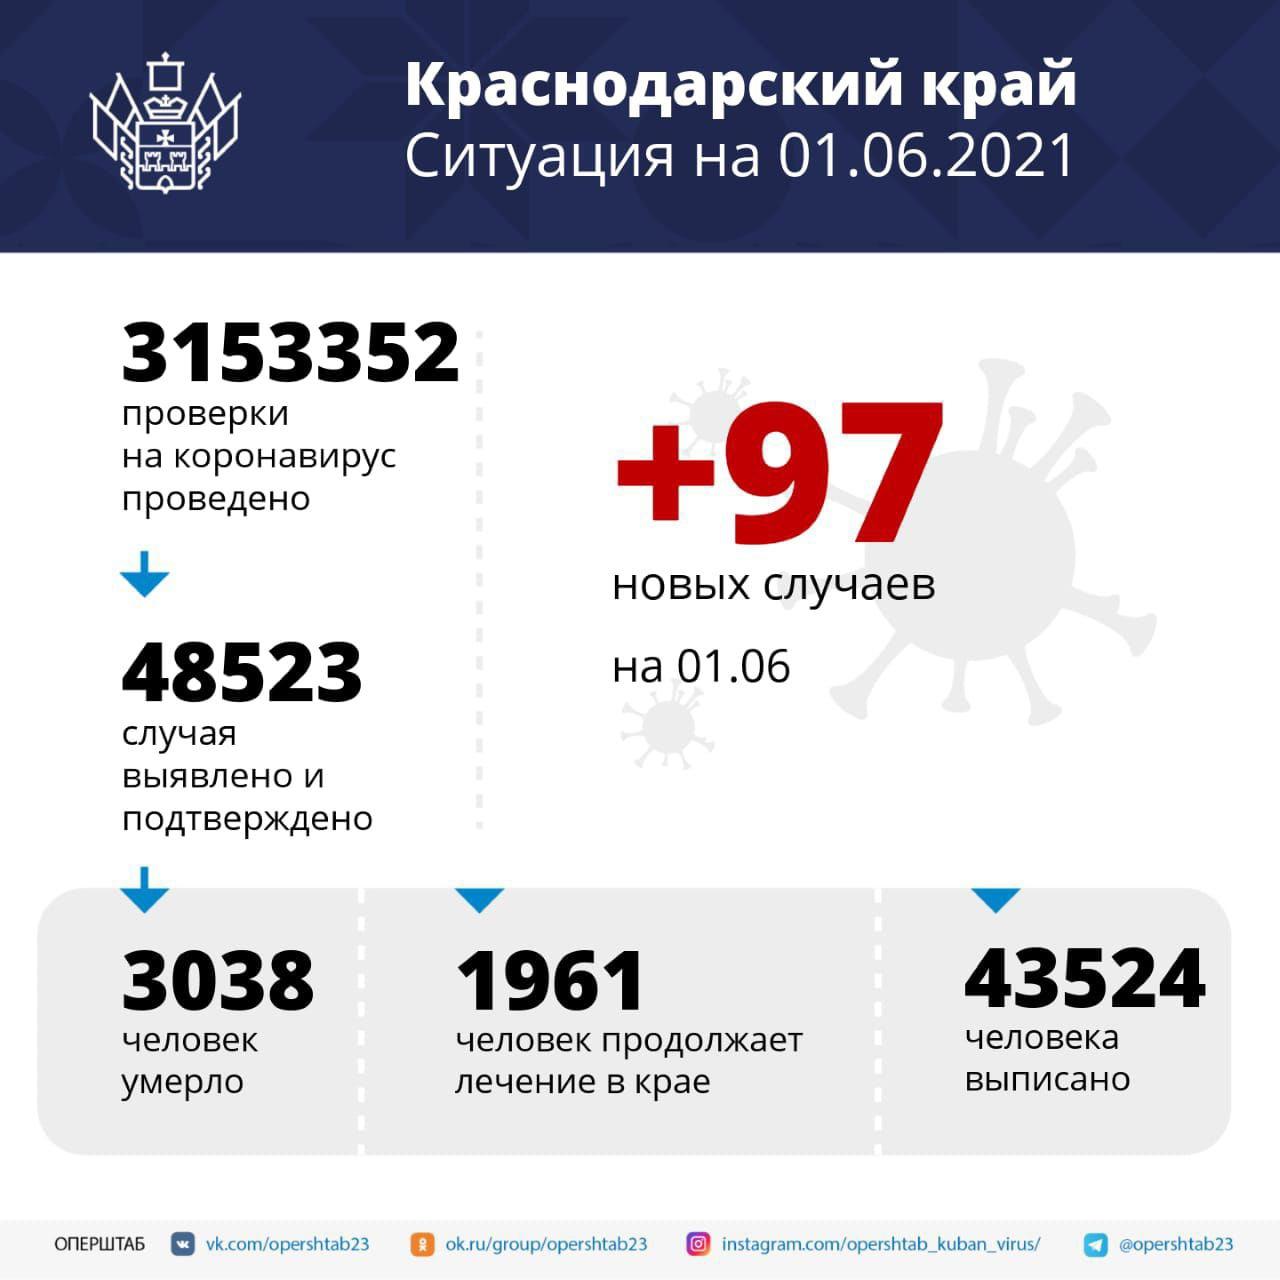 За сутки в Краснодарском крае зарегистрировали 97 заболевших...